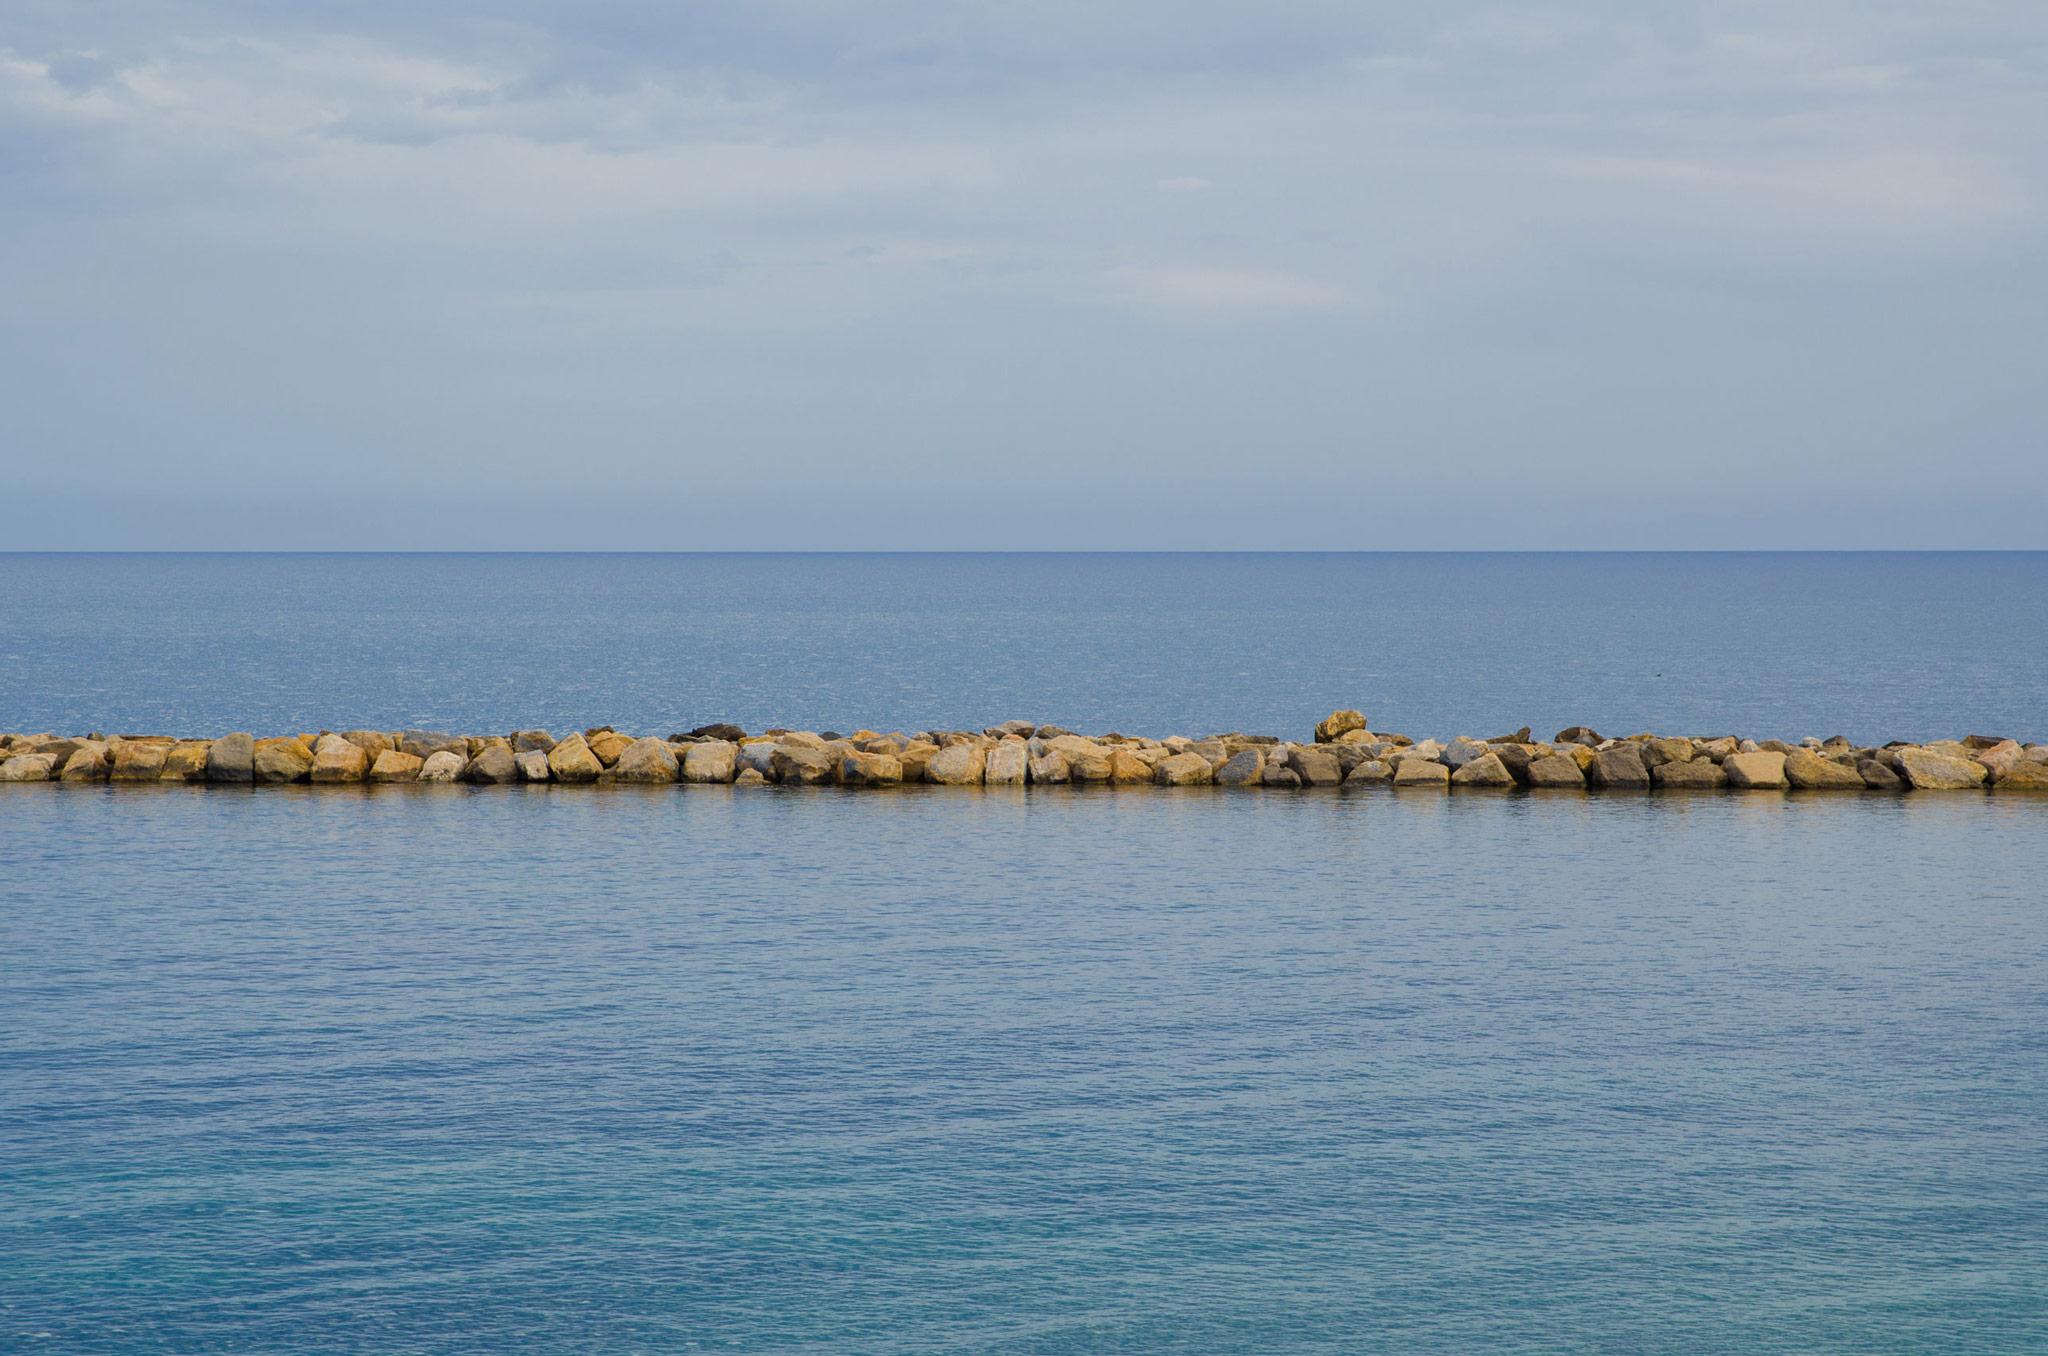 Paesaggi-Italia - DSC 8574 - Fotografo-di-paesaggi-minimal-Sardegna - Fotografo-di-paesaggi-minimal-Sardegna